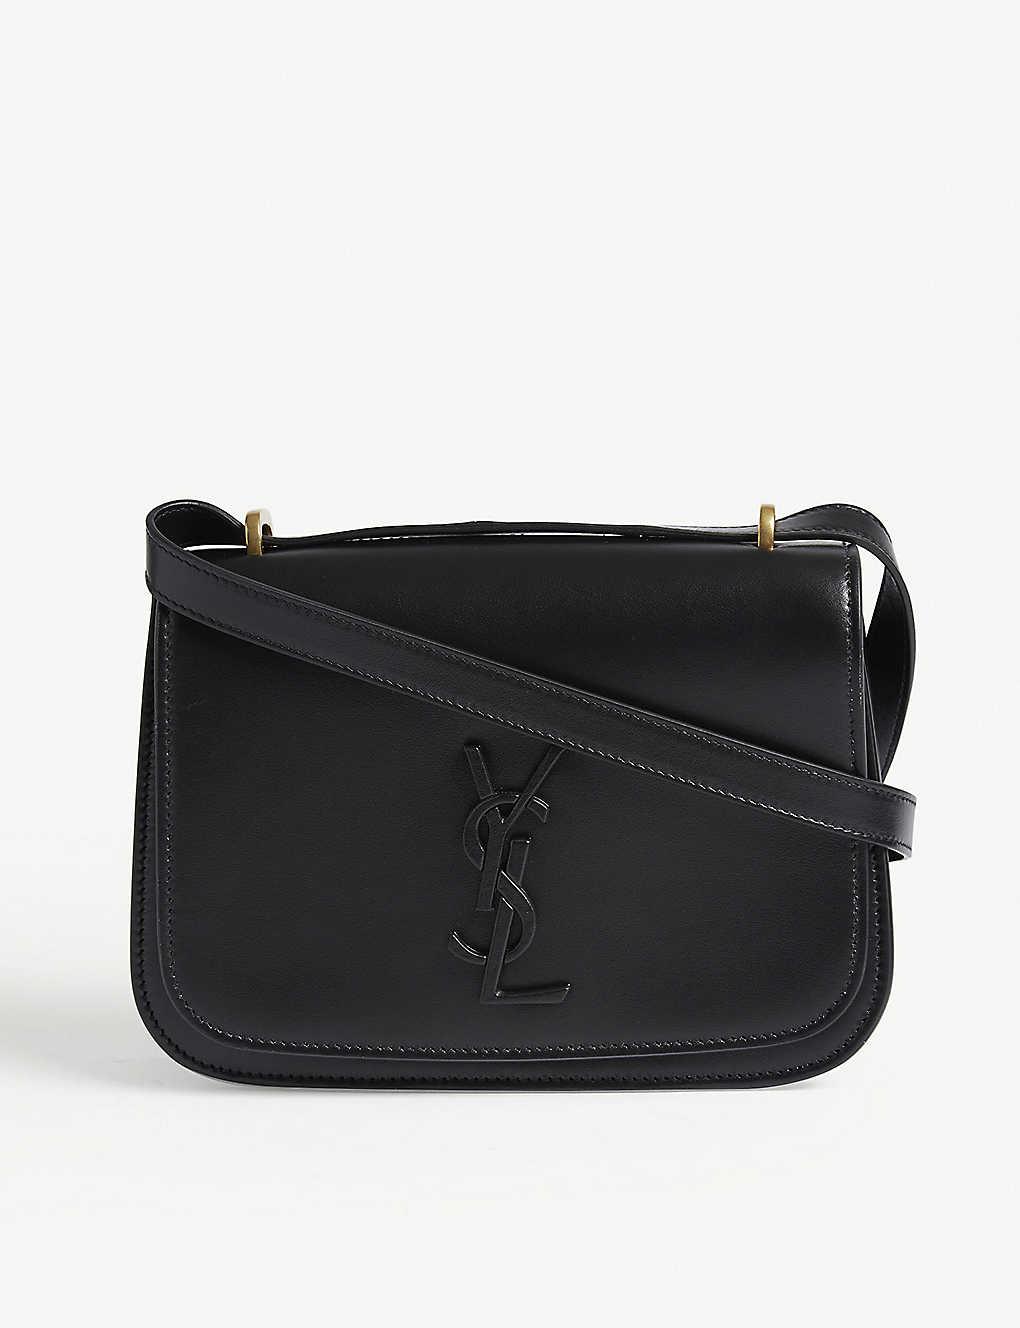 54f20c941d5 SAINT LAURENT - Spontini small leather satchel | Selfridges.com